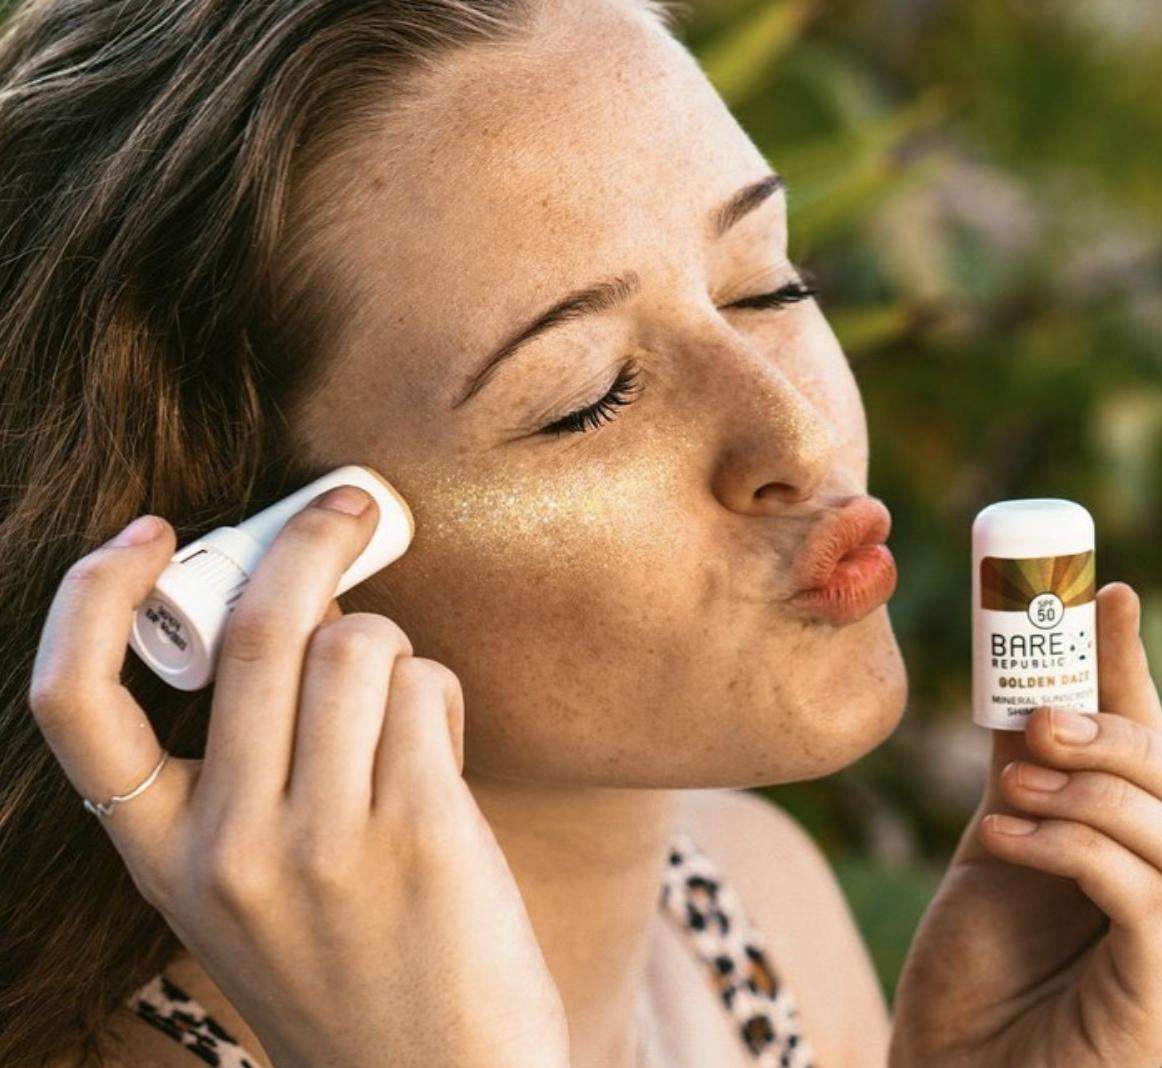 Bare Republic Golden Daze Sunscreen Stick